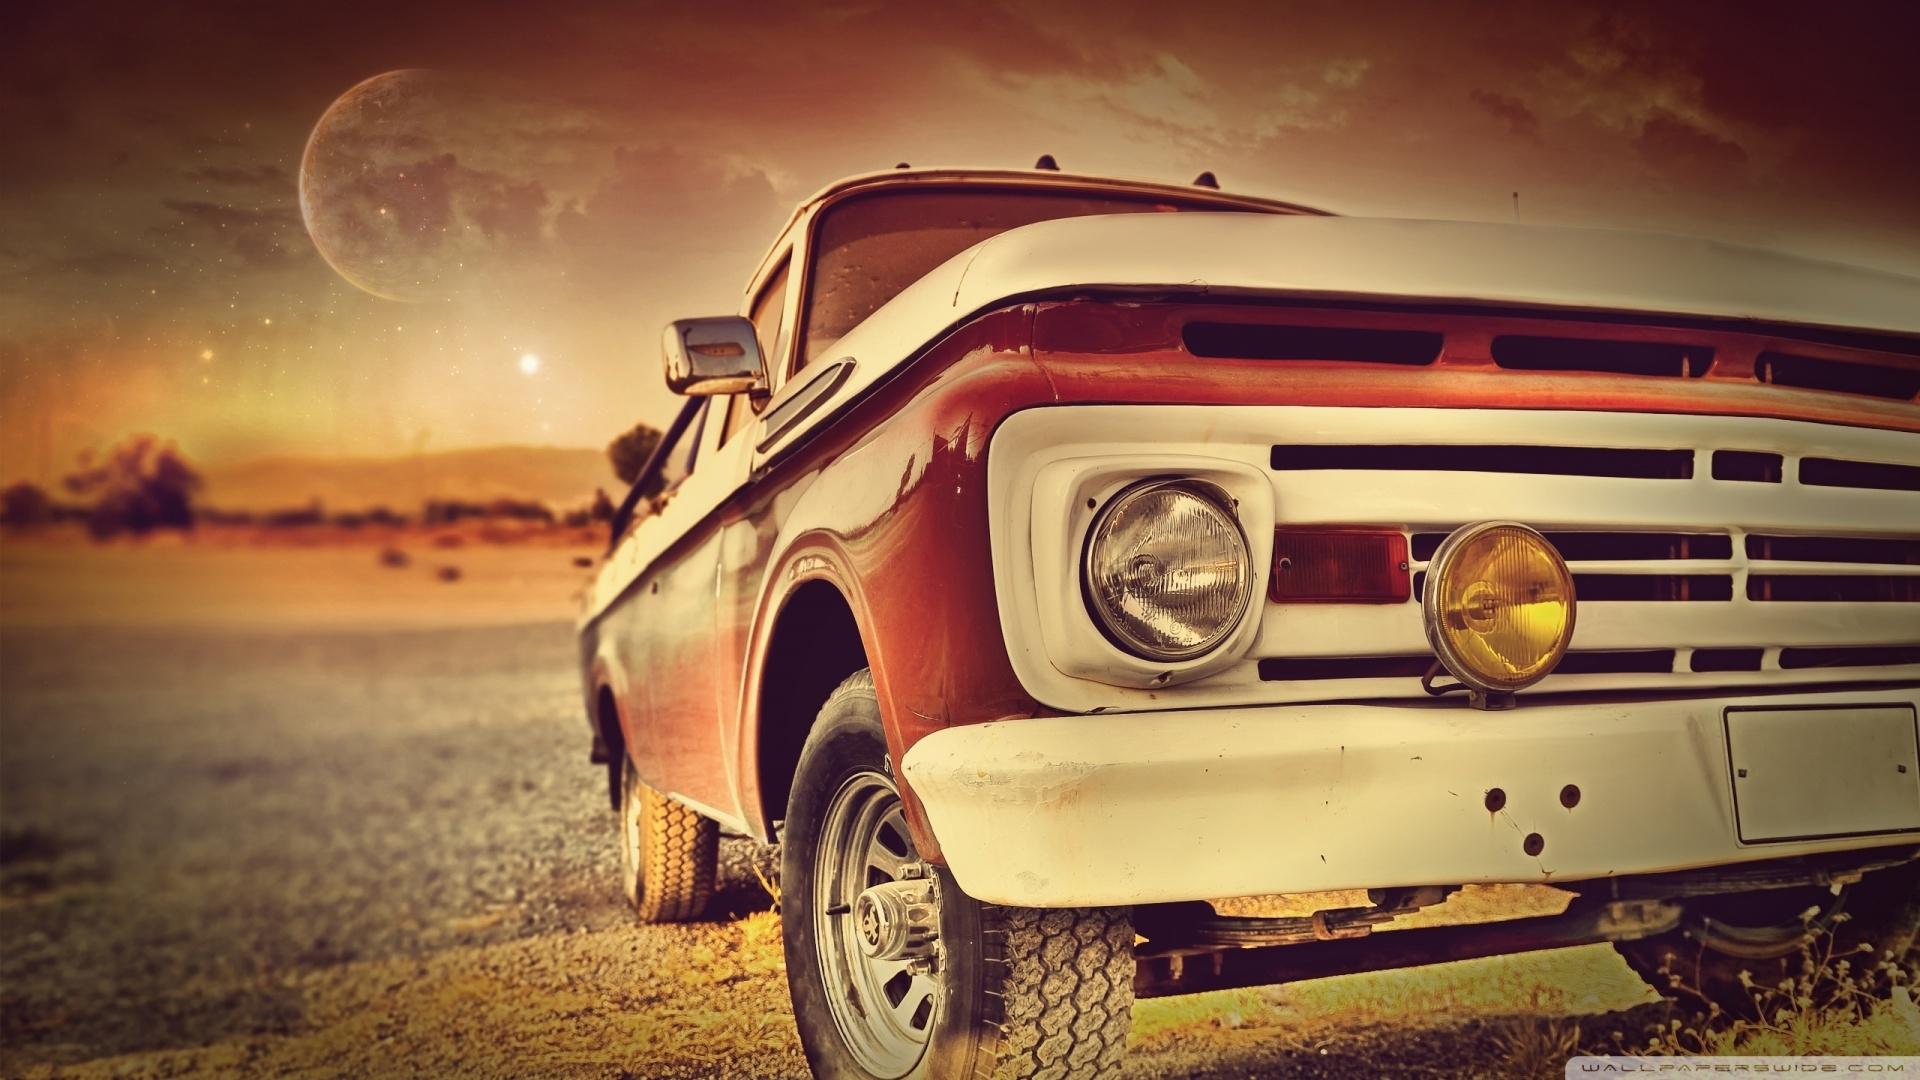 vintage car front ❤ 4k hd desktop wallpaper for • wide & ultra